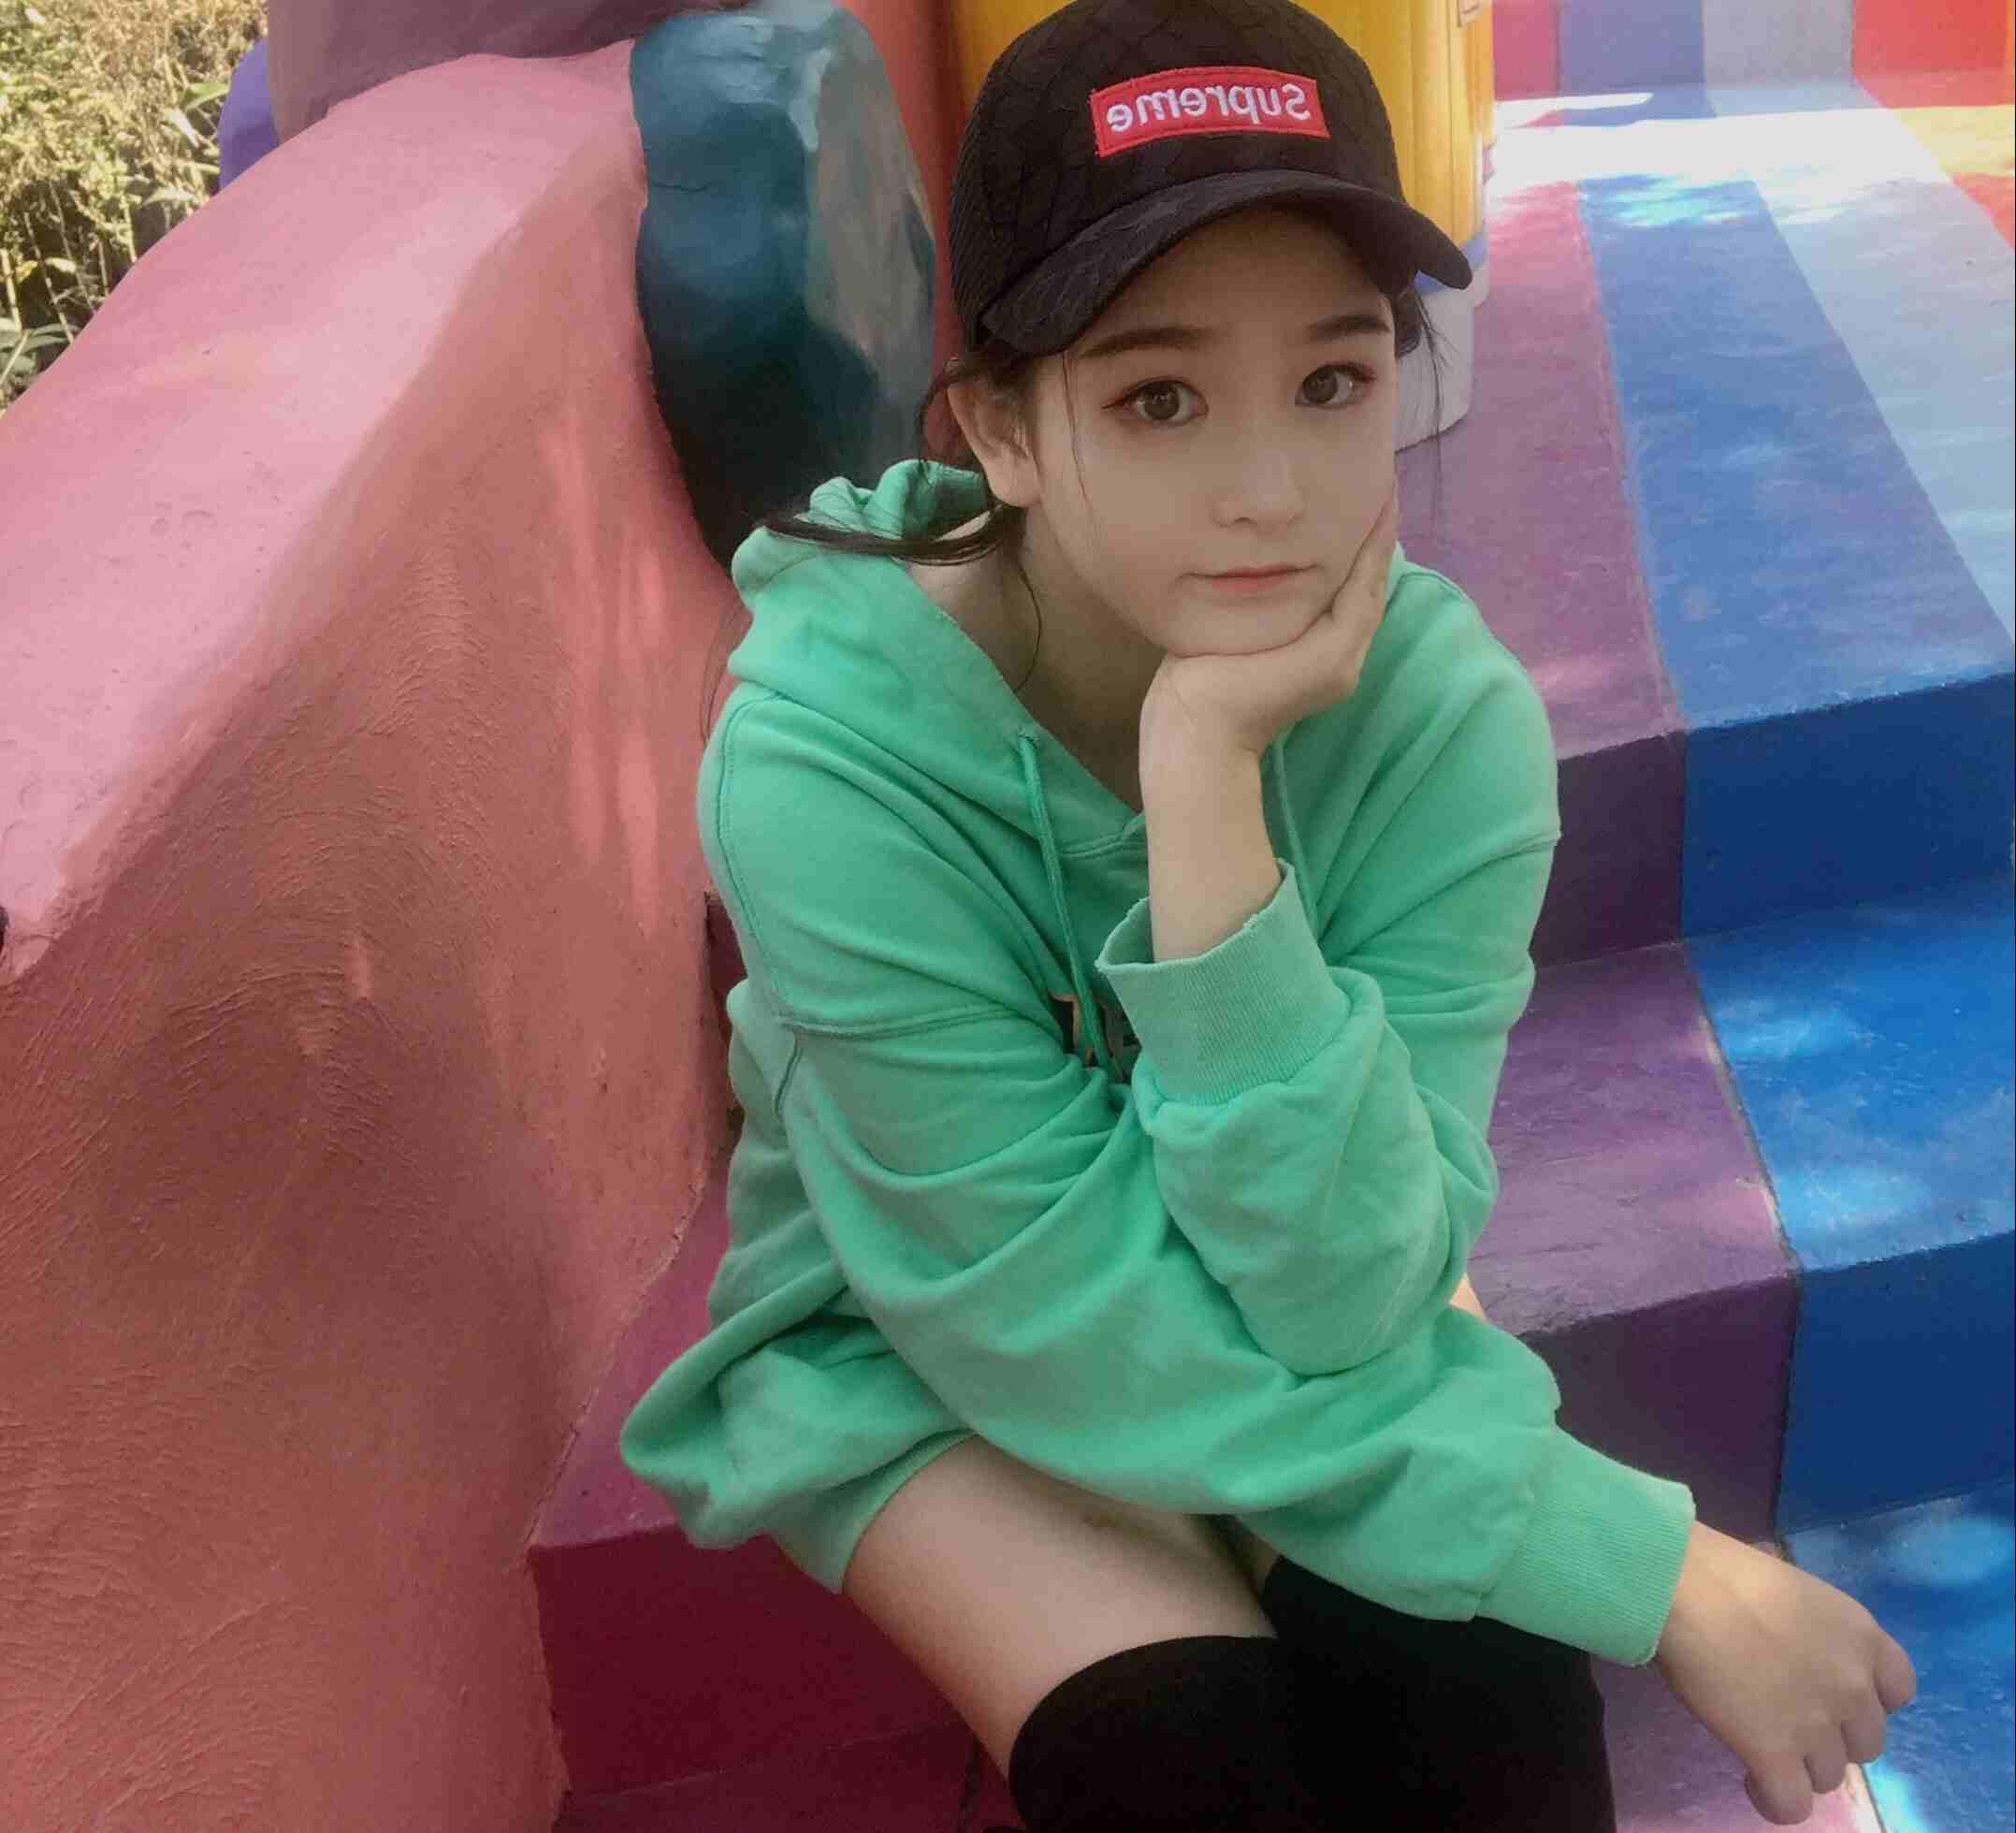 虎牙主播雪儿_爱唱歌的文艺少女_58916沐小慕、求家长高清直播视频回放_在线 ...